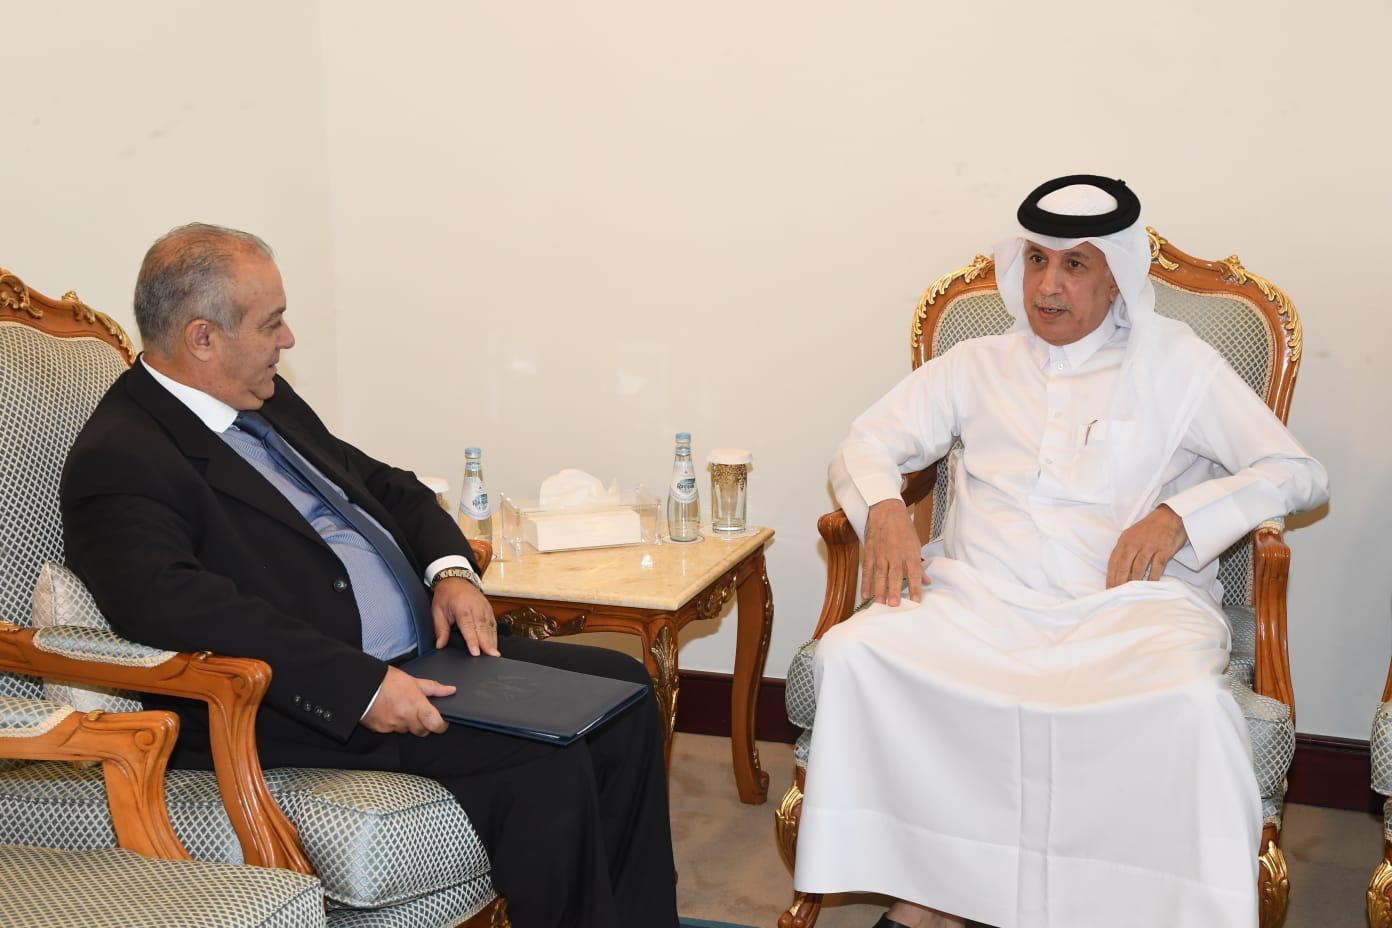 وزير الدولة للشؤون الخارجية يجتمع مع سفير قبرص